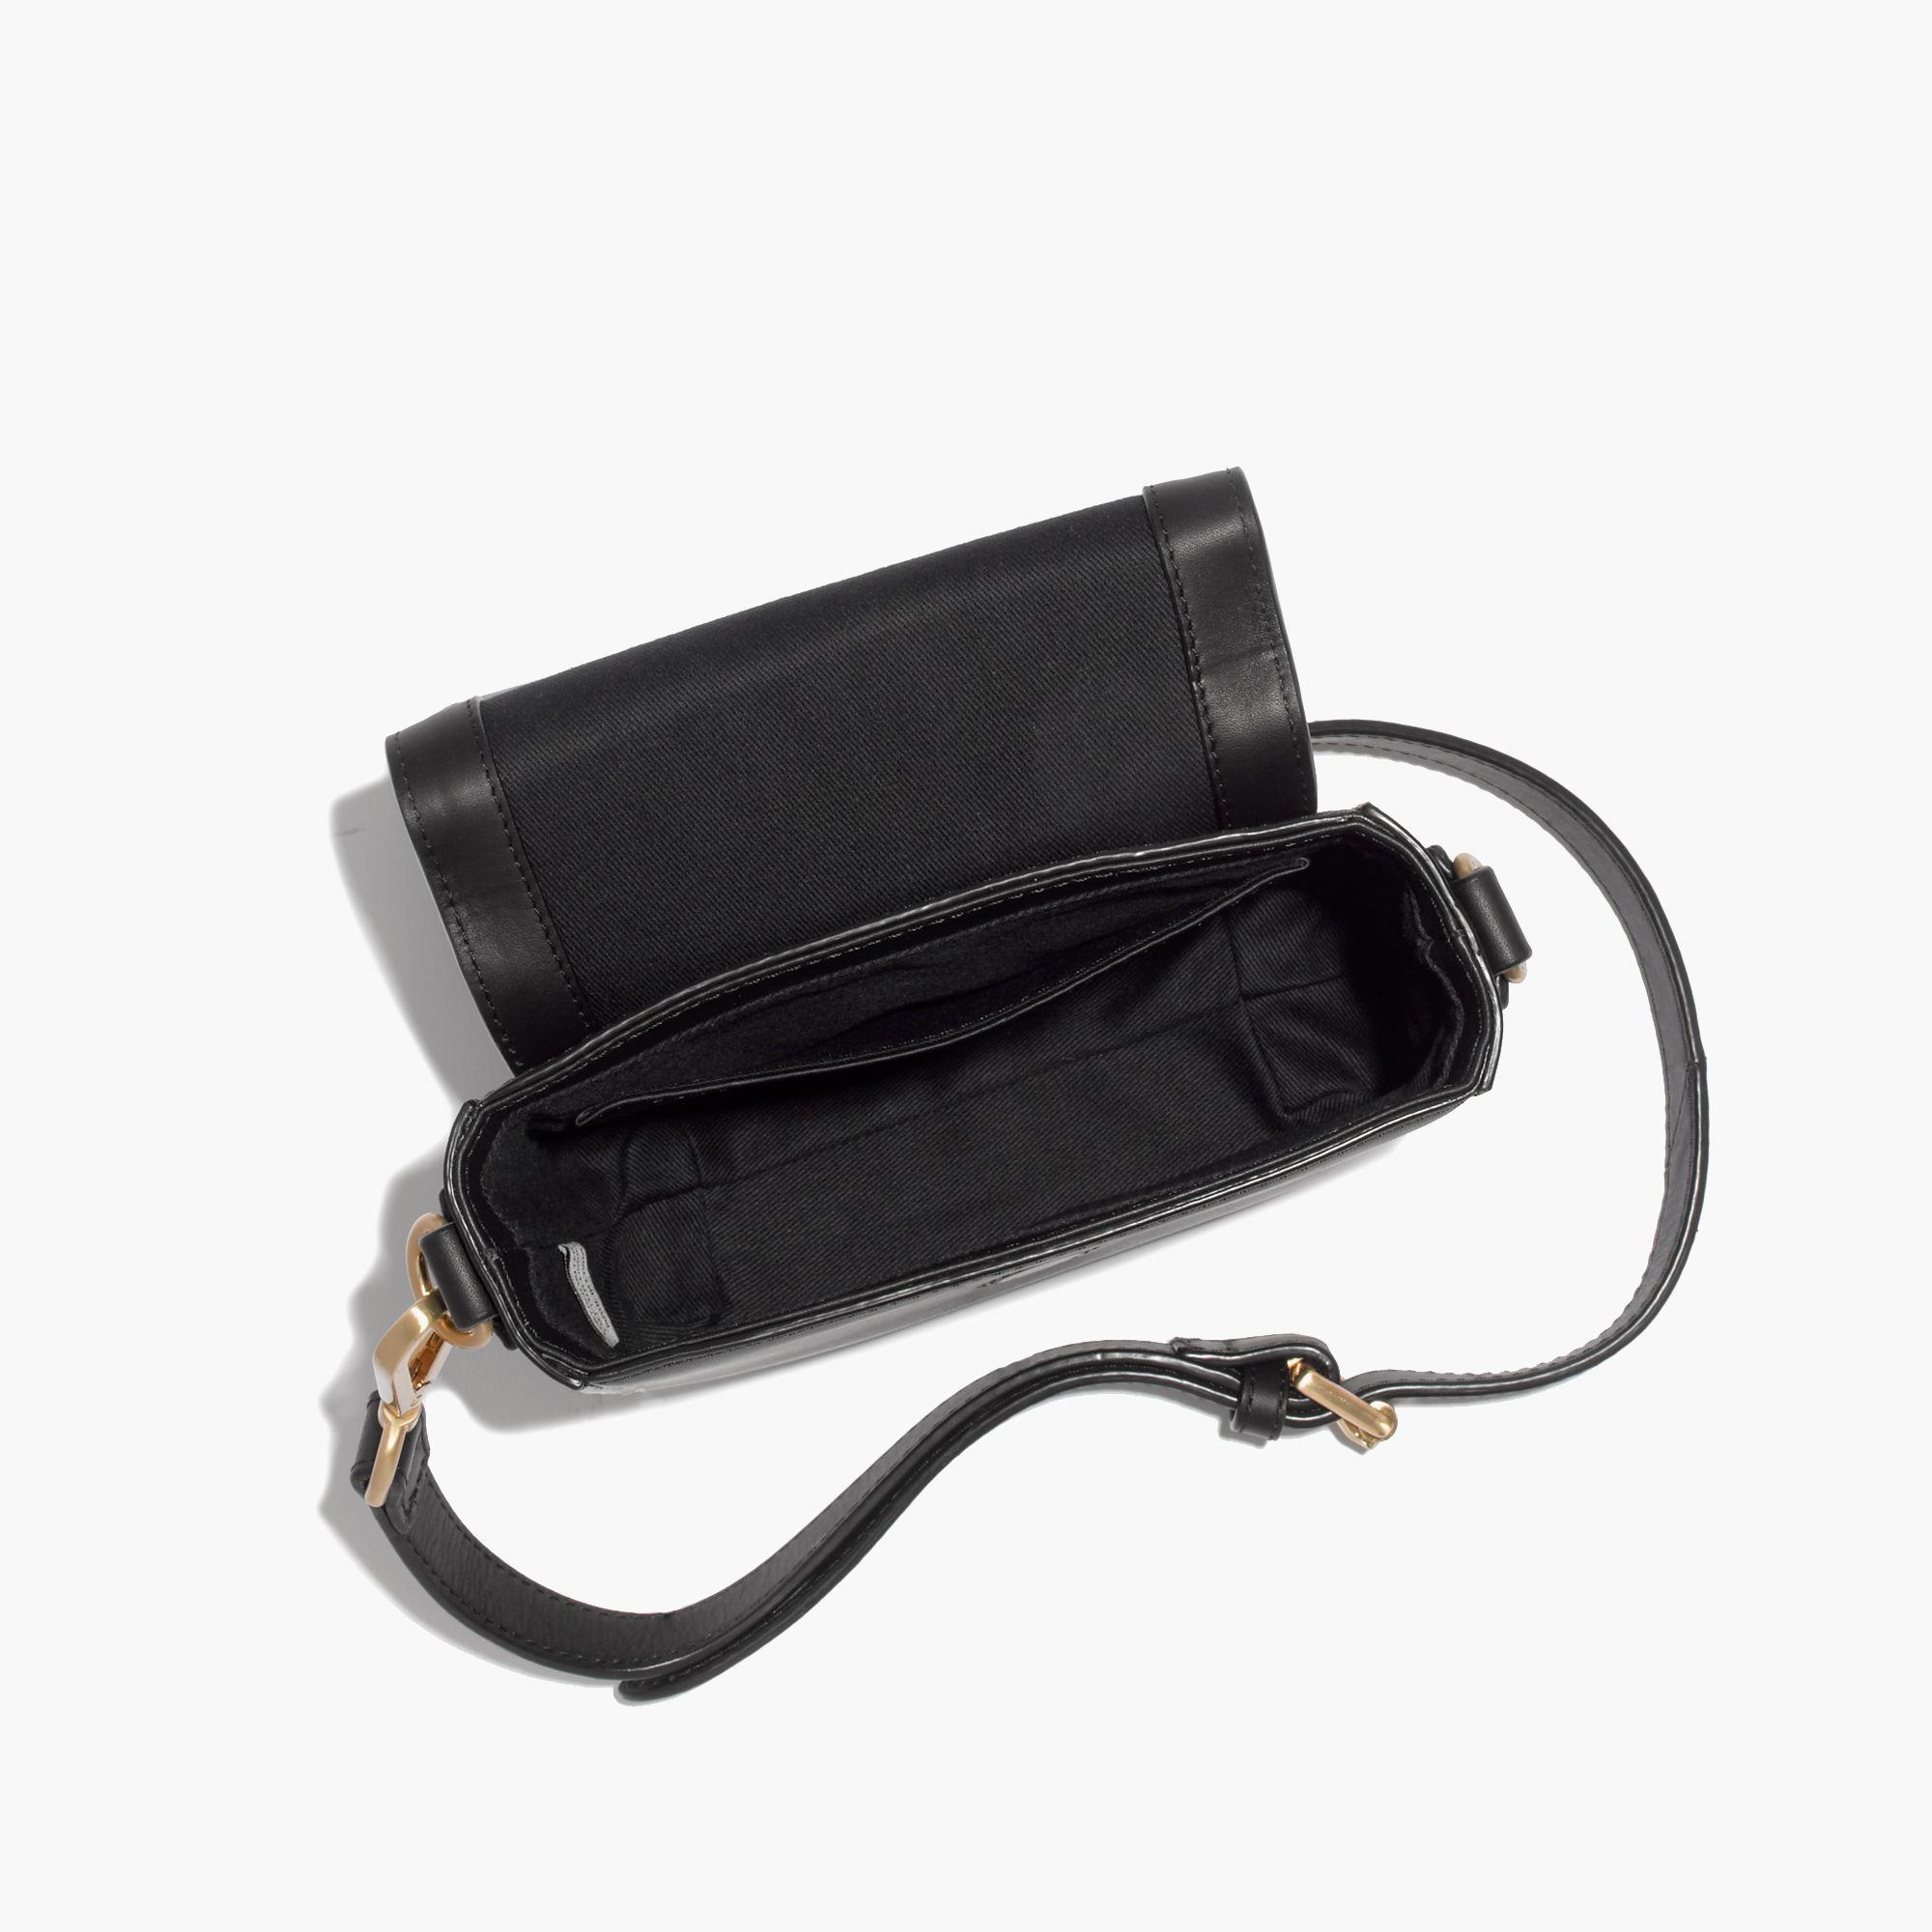 Madewell Flynn&Reg; Crosby Crossbody Bag in Black